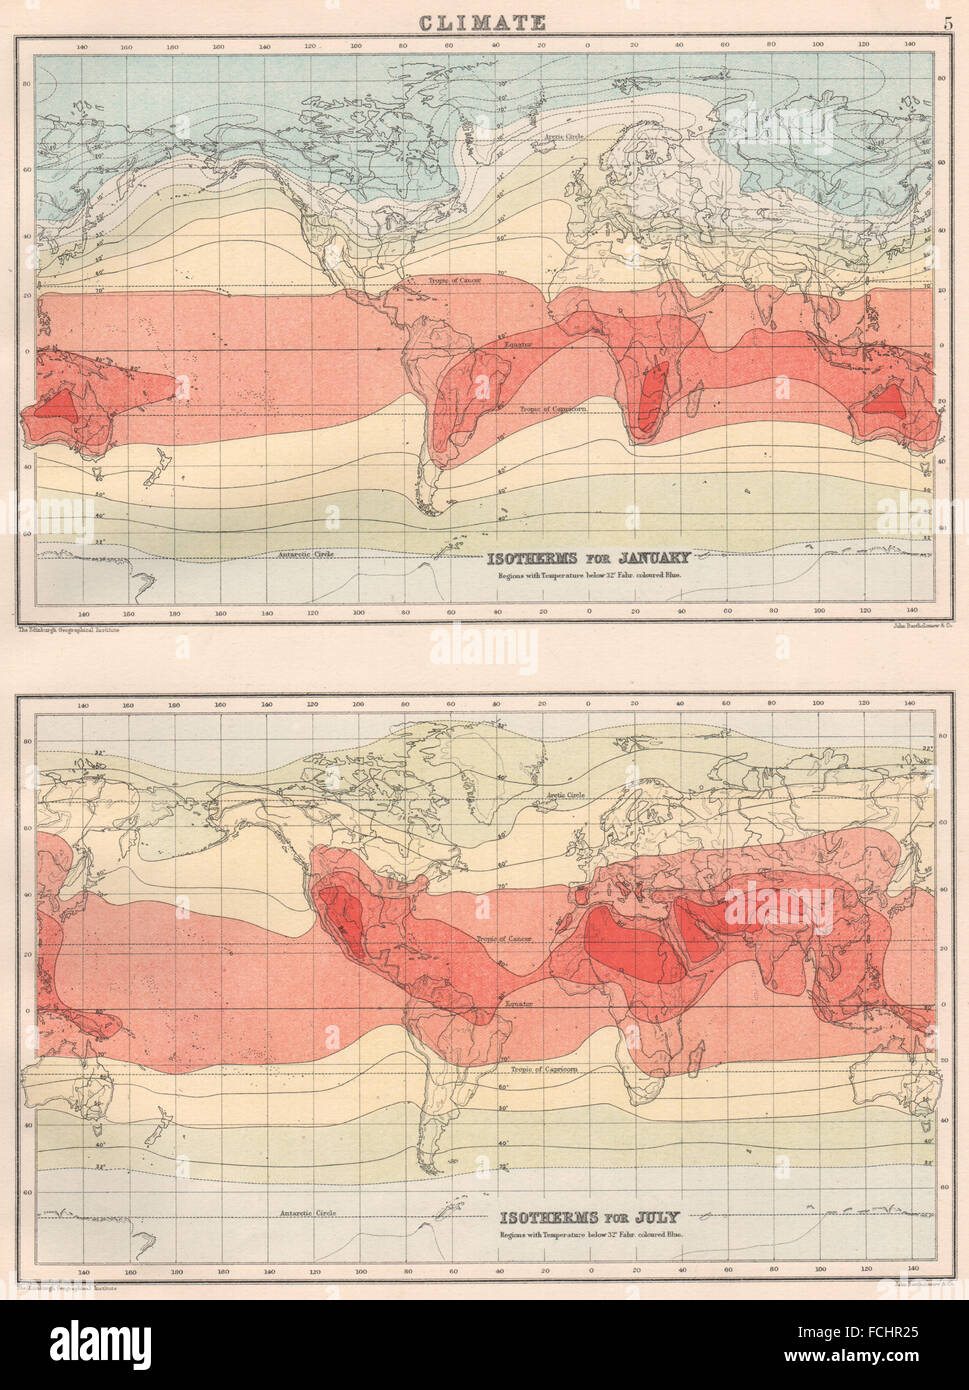 World climate map stock photos world climate map stock images alamy world climate isotherms for january july bartholomew 1891 antique map gumiabroncs Choice Image